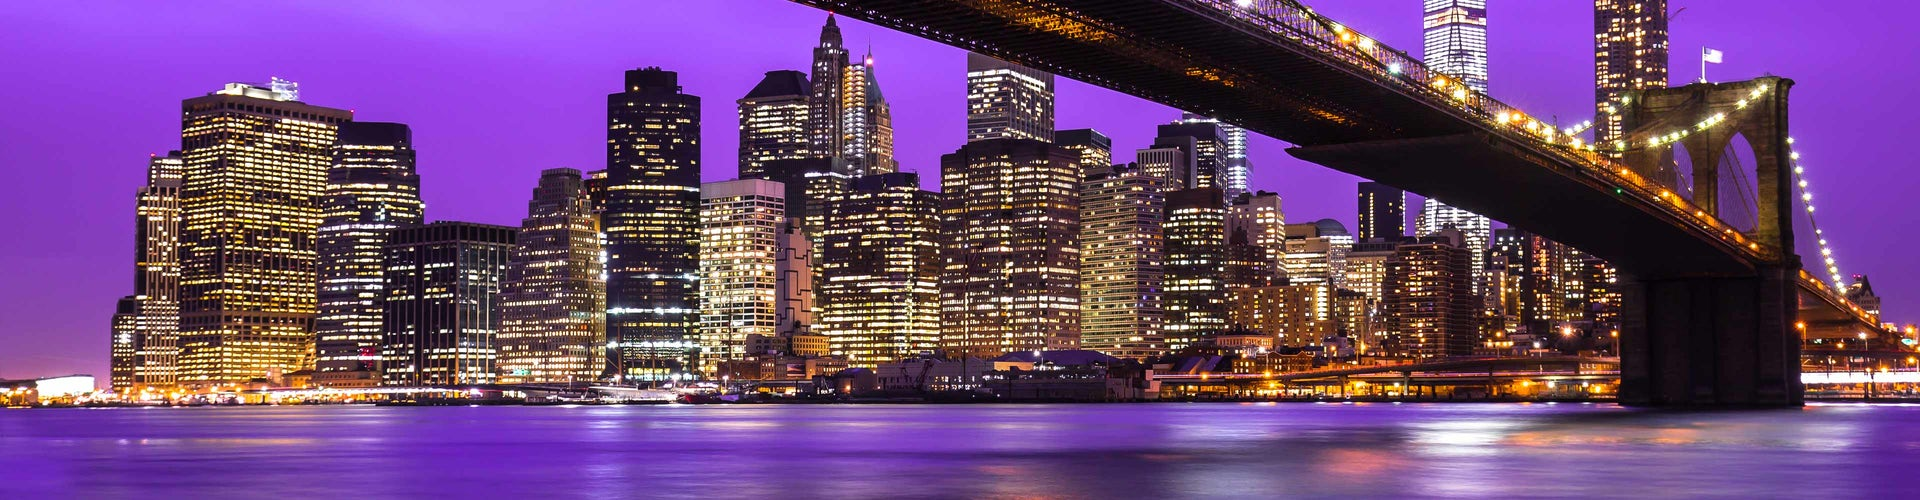 puente de brooklyn nueva york de noche